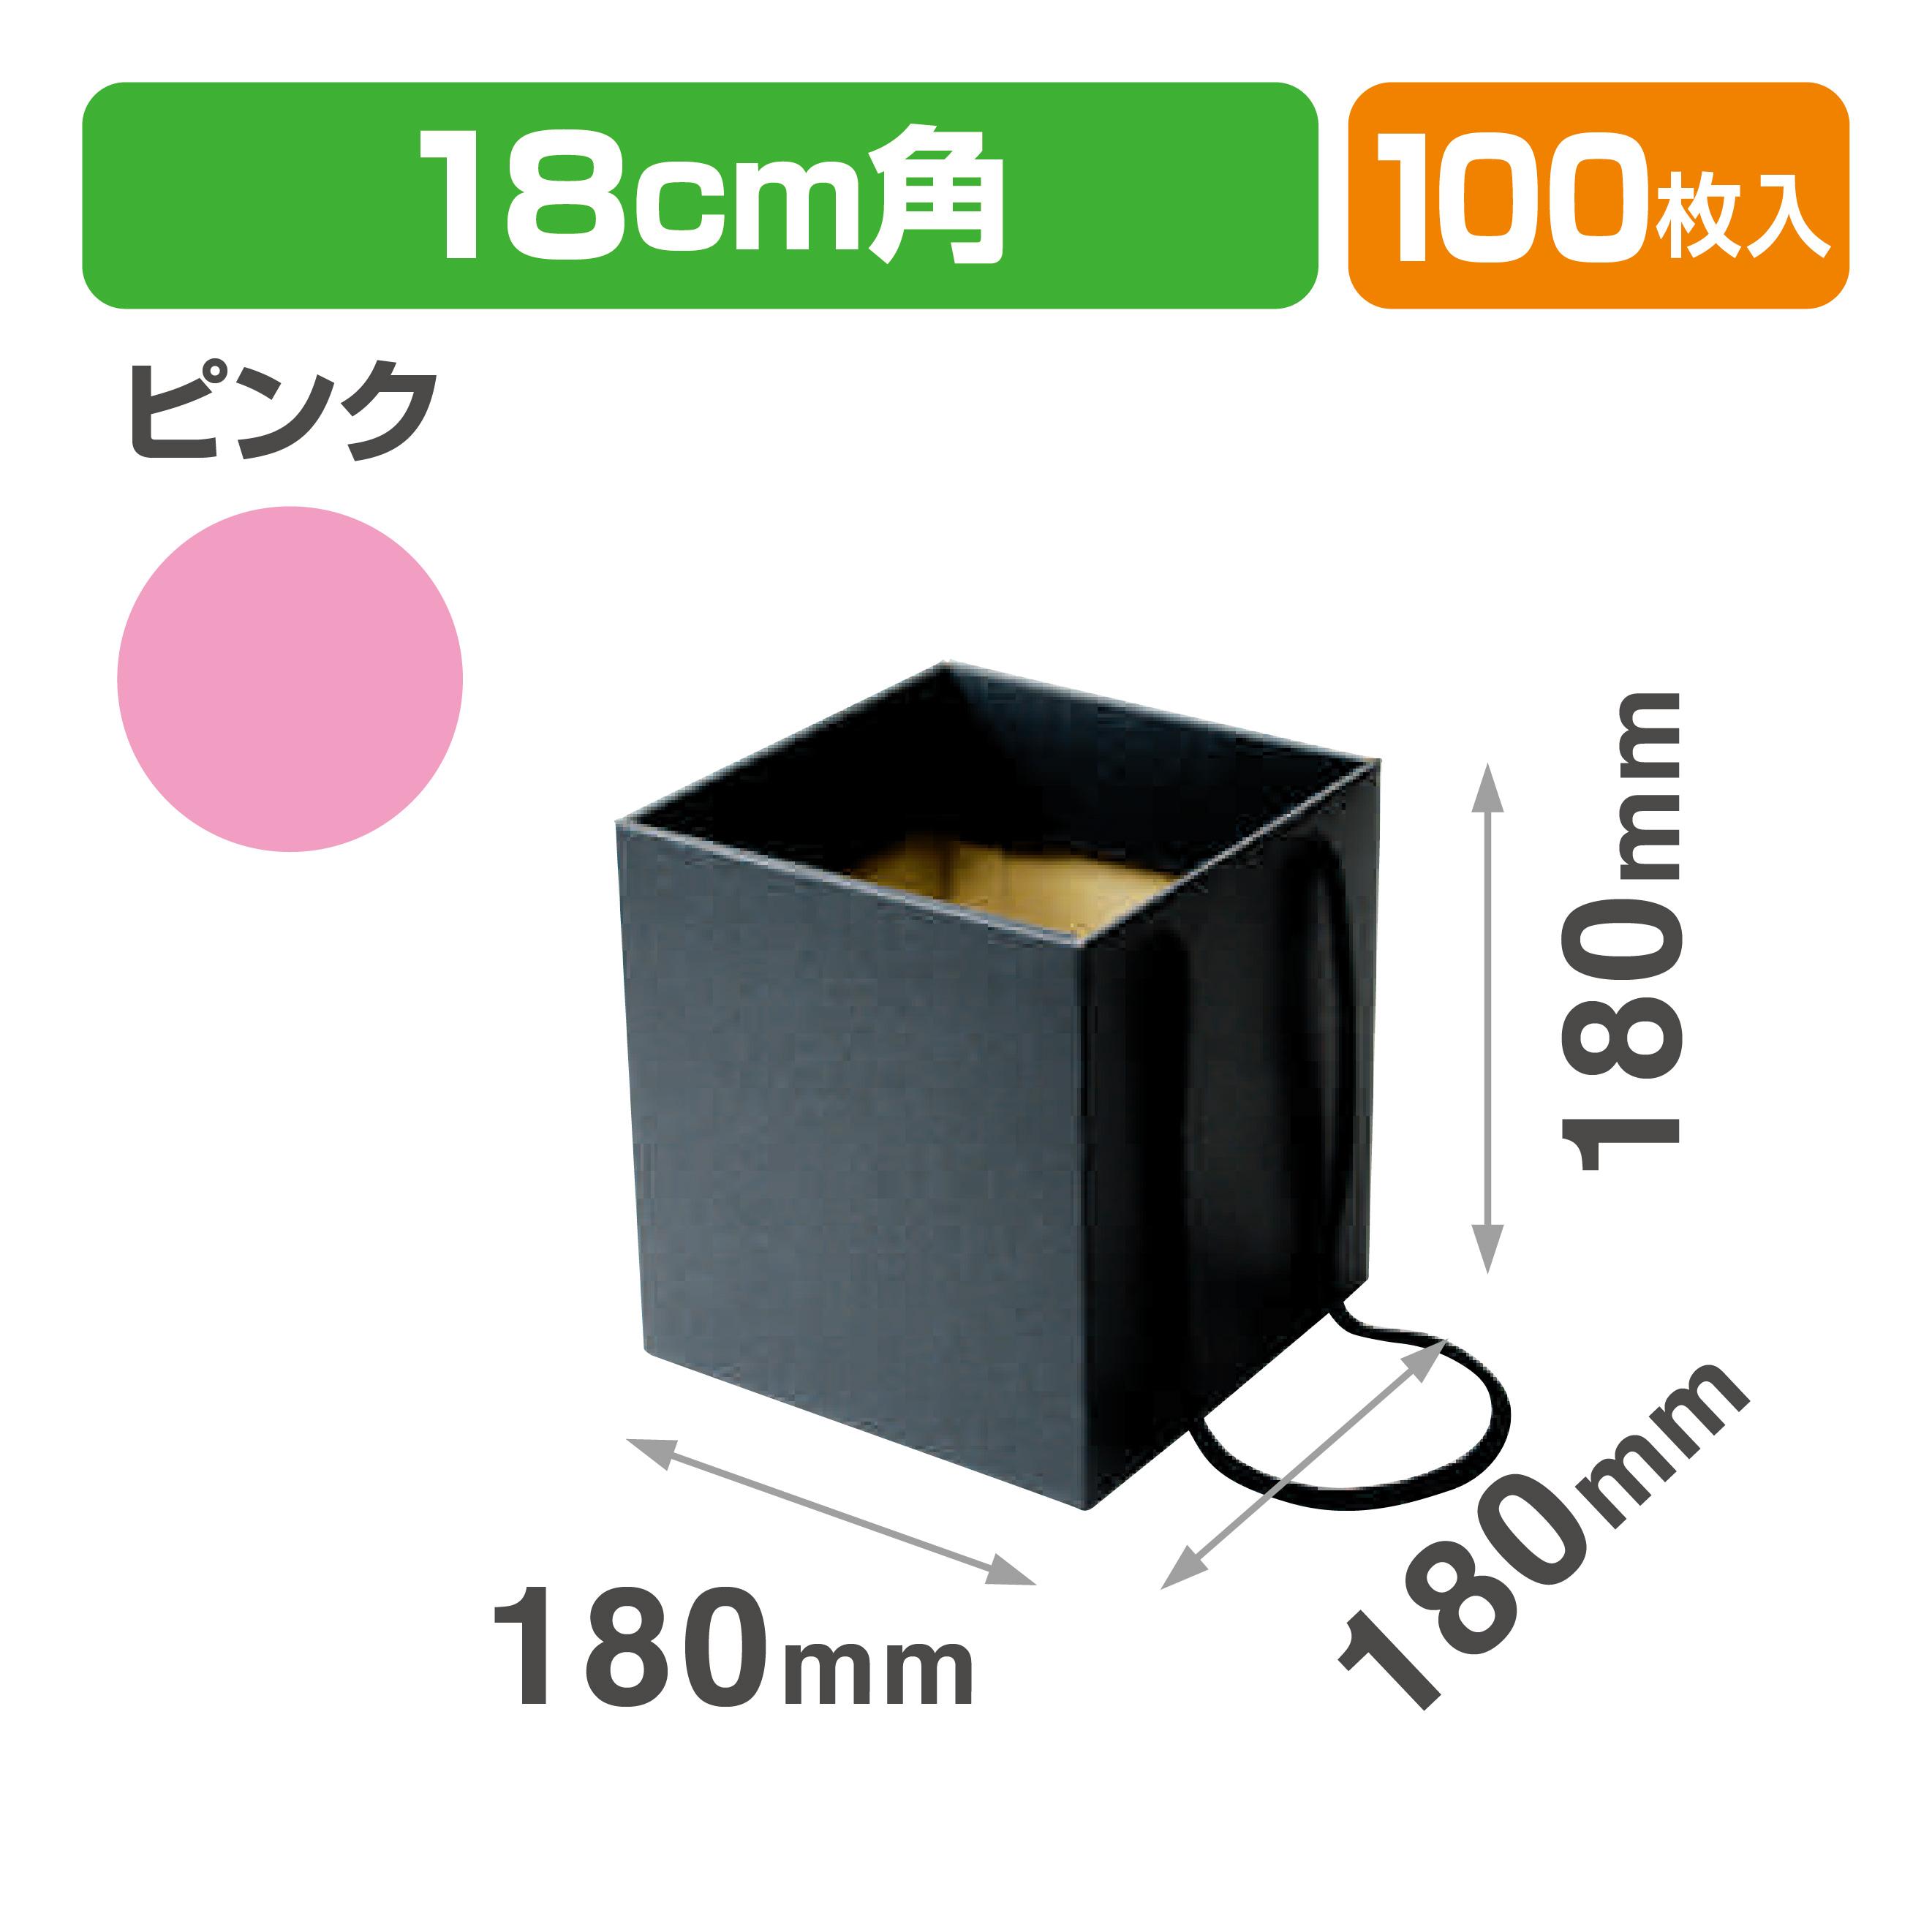 ミニブーケキャリー180(ピンク)